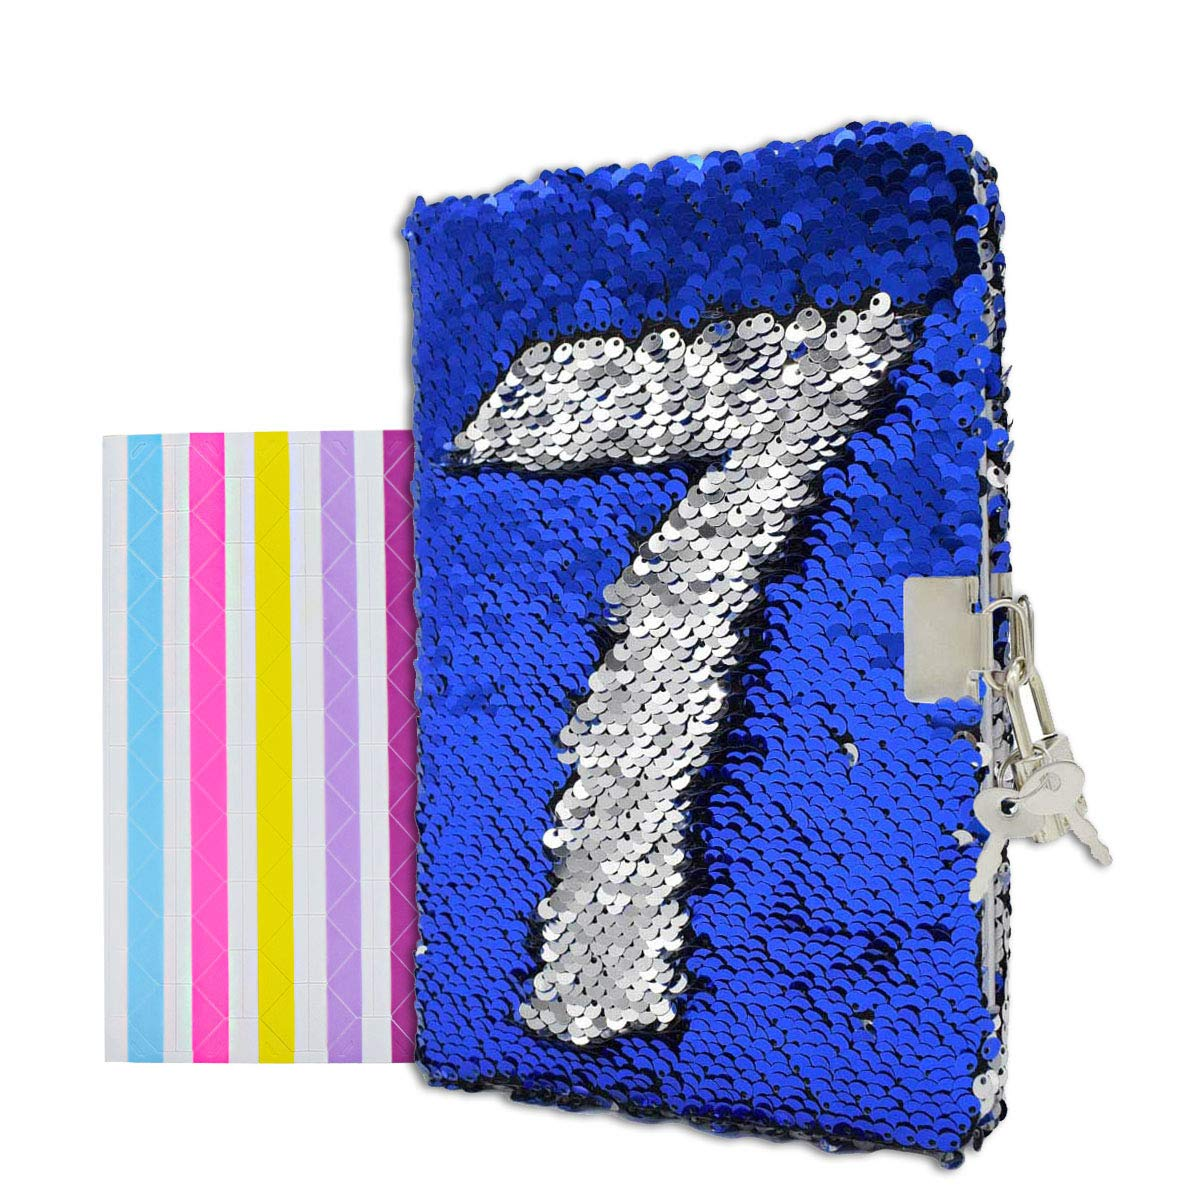 formato A5 colore: da arcobaleno a argento Da blu a argento. con lucchetto e chiave 156 pagine 215 x 140 mm Diario di viaggio reversibile con lustrini VIPbuy con angoli per foto